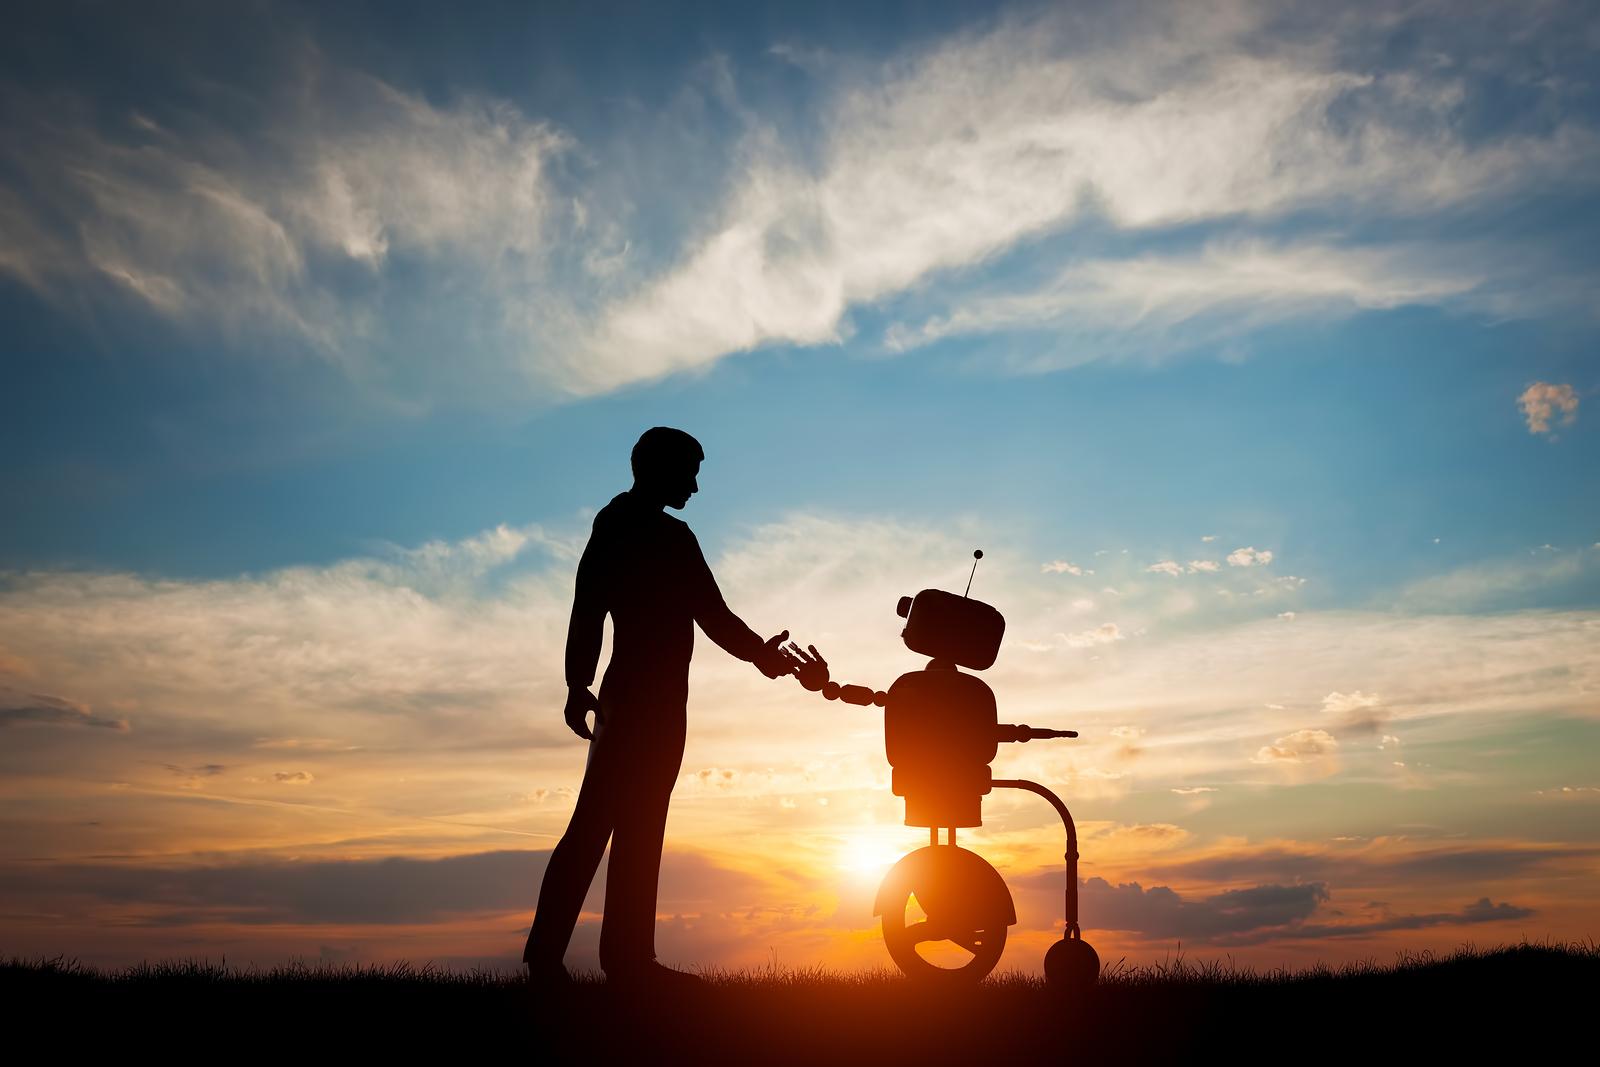 robotfriend.jpg